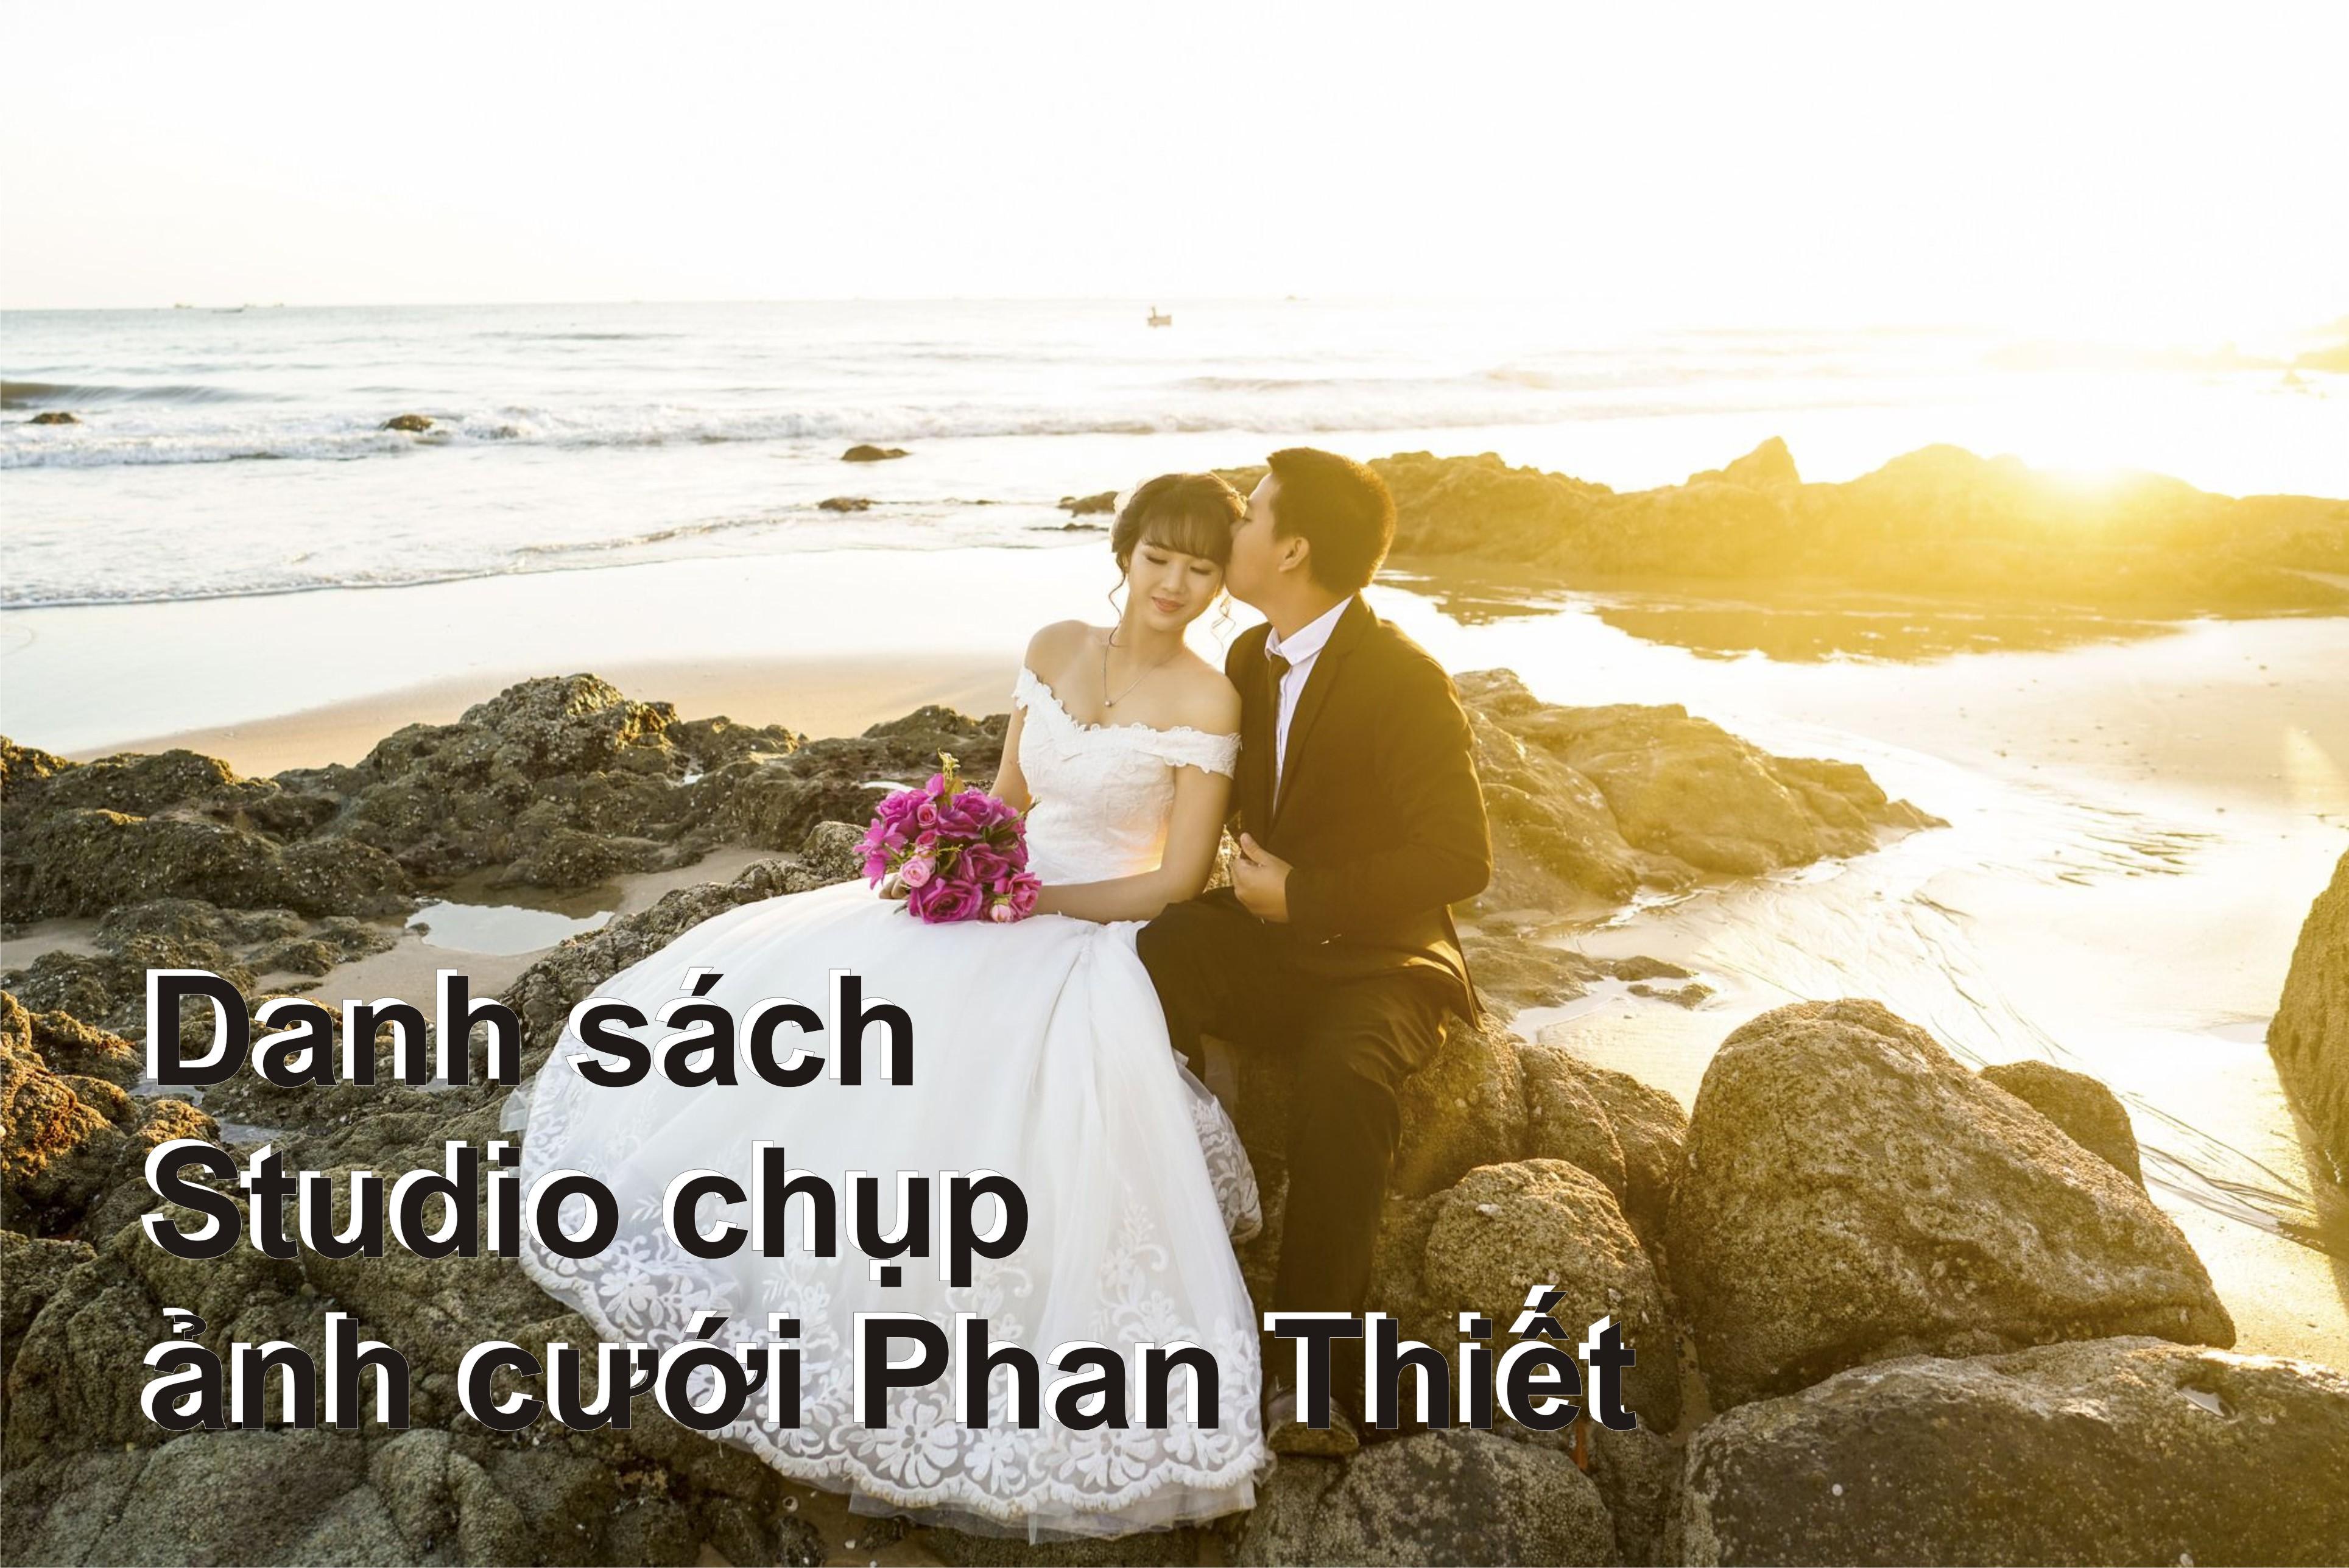 Danh sách studio chụp ảnh cưới tại Phan Thiết